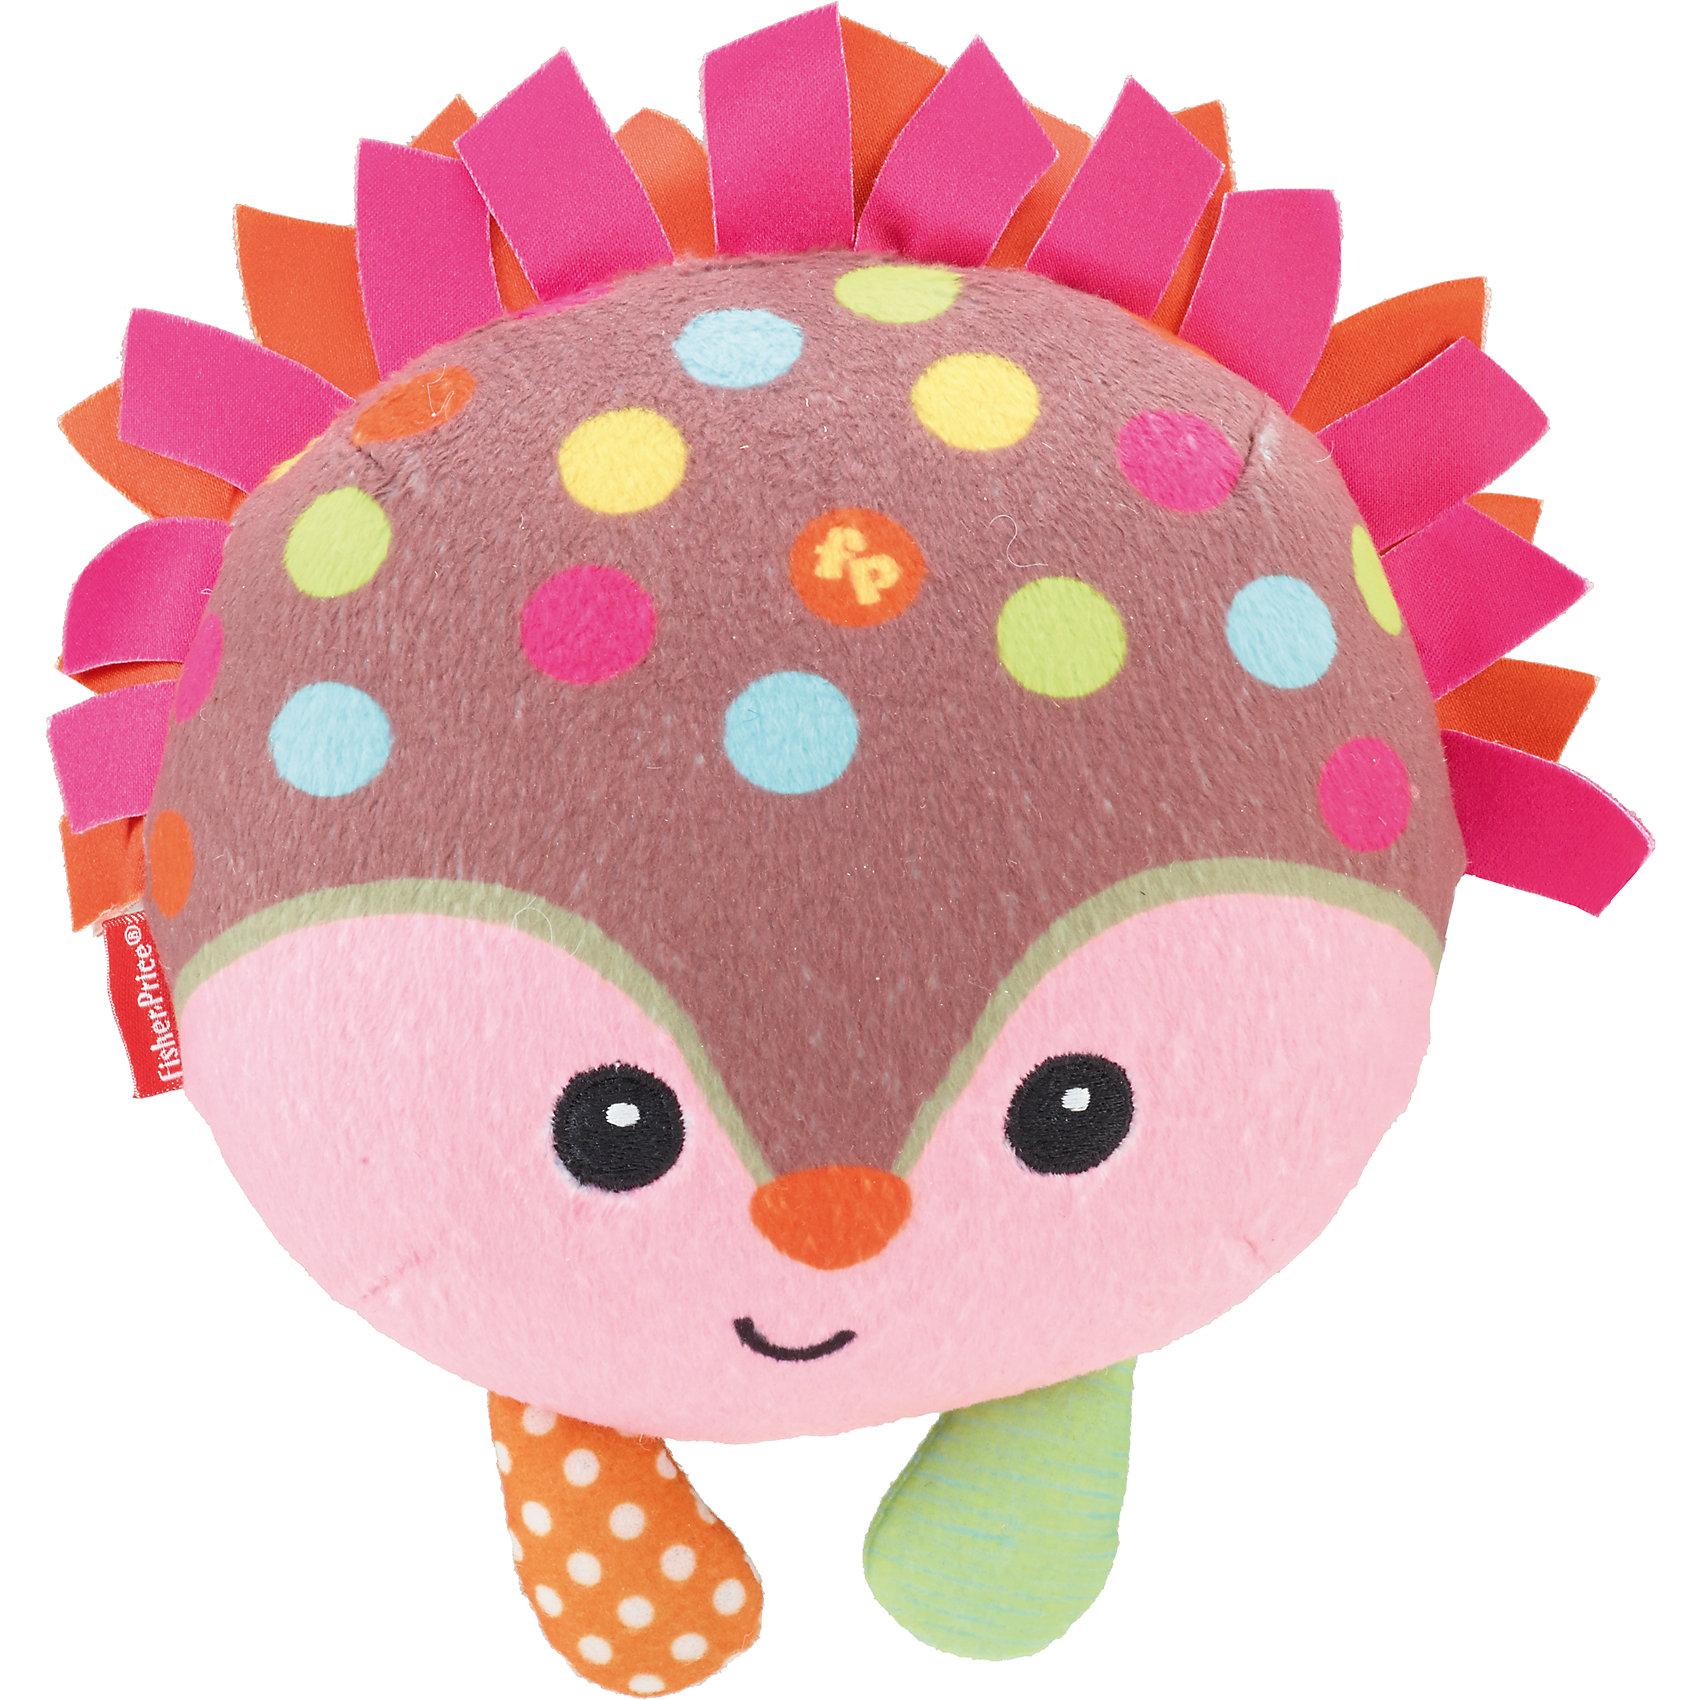 Игрушки Веселые друзья, со звуком, Fisher-Price, в ассортиментеМаленькие плюшевые зверюшки обязательно станут друзьями вашему малышу. Хихиканье и забавные звуки развеселят кроху, а яркие цвета, веселые узоры и мягкая текстура помогут малышу улучшить навыки восприятия. Игрушка выполнена из высококачественных материалов безопасных для детей. <br><br>Дополнительная информация:<br><br>- Материал: плюш.<br>- Размер упаковки: 10х16.5х20.5 см<br>- У каждой зверюшки свой особенный смех.<br>- Игрушка в ассортименте.<br><br>ВНИМАНИЕ! Данный артикул представлен в разных вариантах исполнения. К сожалению, заранее выбрать определенный вариант невозможно. При заказе нескольких игрушек возможно получение одинаковых.<br><br>Игрушки Веселые друзья, со звуком, Fisher-Price (Фишер-Прайс), в ассортименте можно купить в нашем магазине.<br><br>Ширина мм: 165<br>Глубина мм: 100<br>Высота мм: 205<br>Вес г: 288<br>Возраст от месяцев: 12<br>Возраст до месяцев: 36<br>Пол: Унисекс<br>Возраст: Детский<br>SKU: 4023710